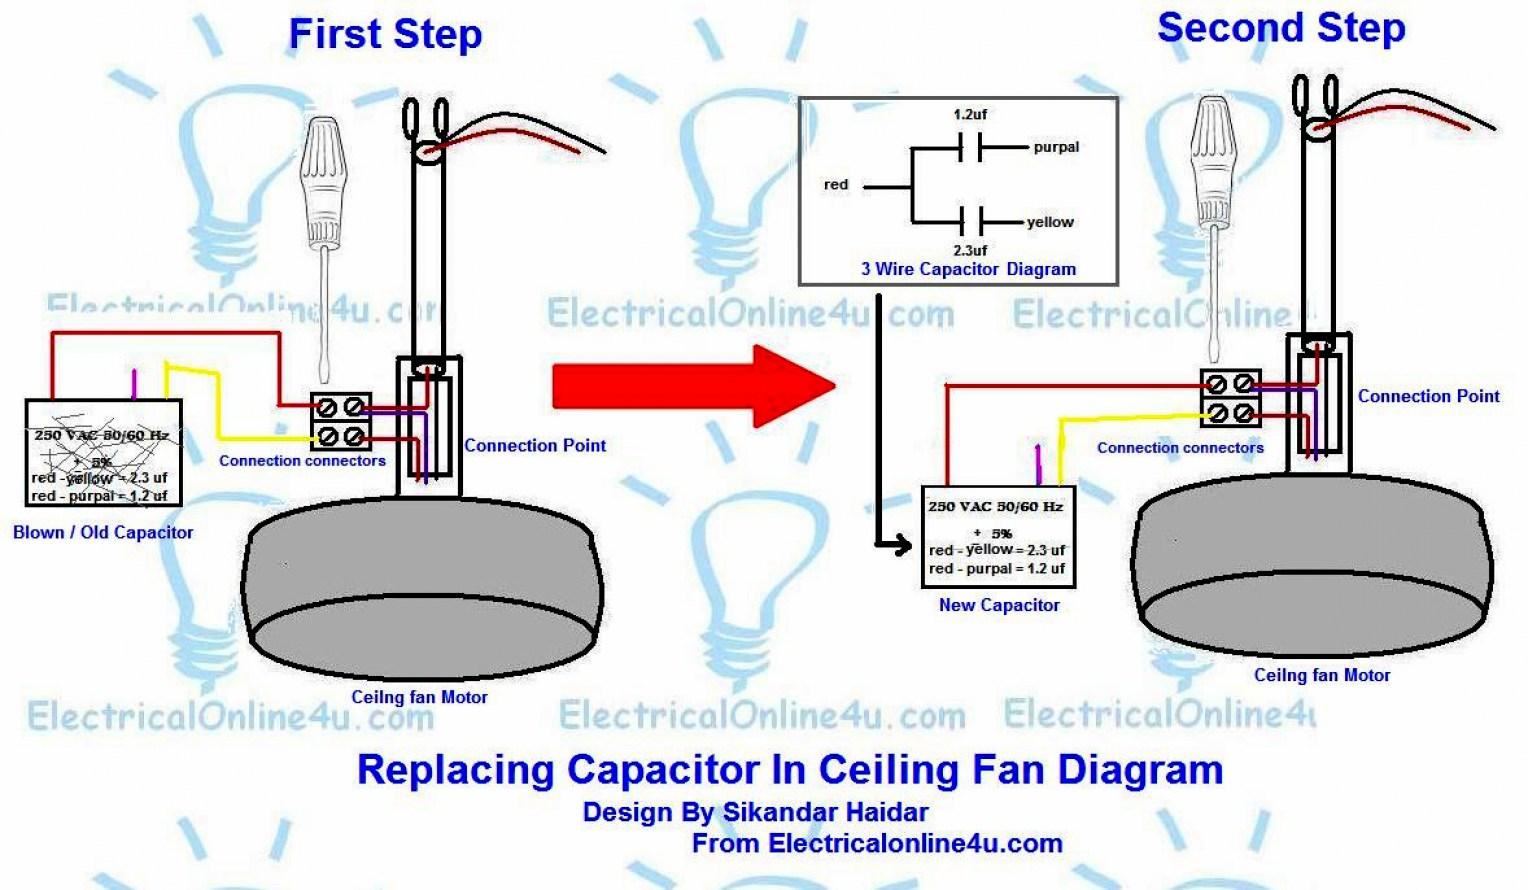 ZO_9059] C61 Wiring Diagram Get Free Image About Wiring Diagram Free DiagramPimpaps Benkeme Mohammedshrine Librar Wiring 101